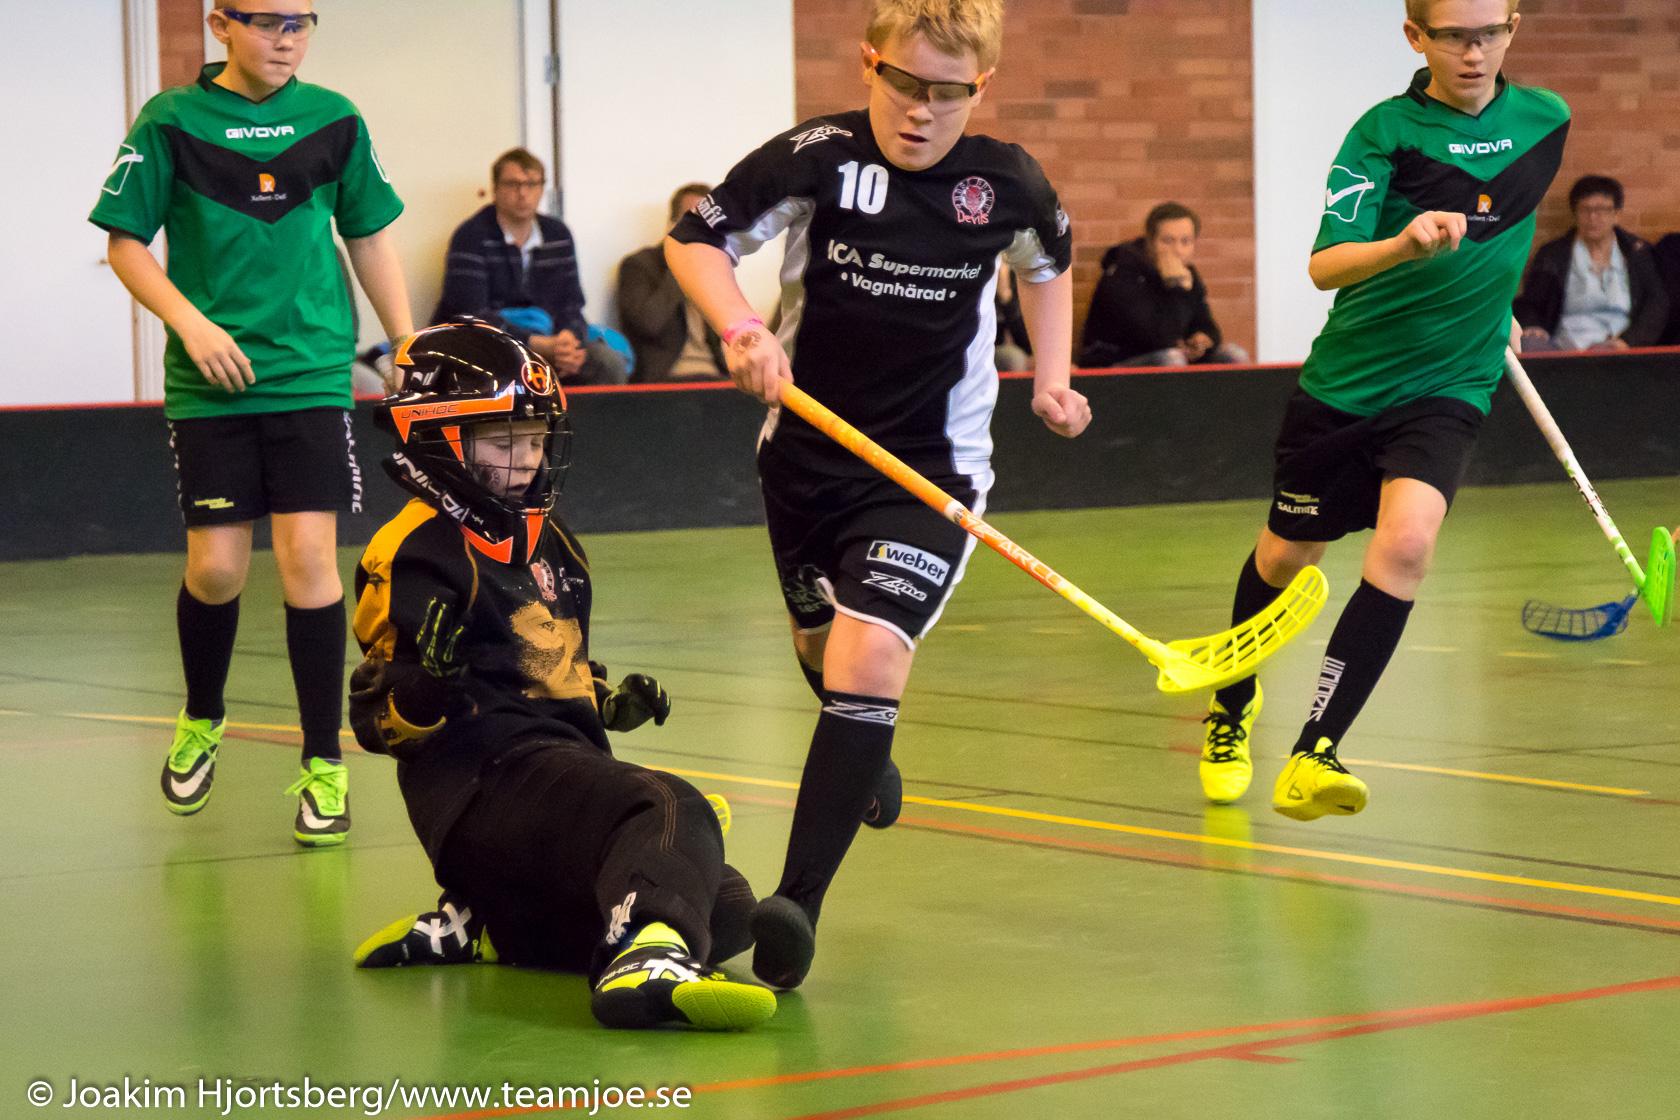 20160409_1657-2 Örebrocupen